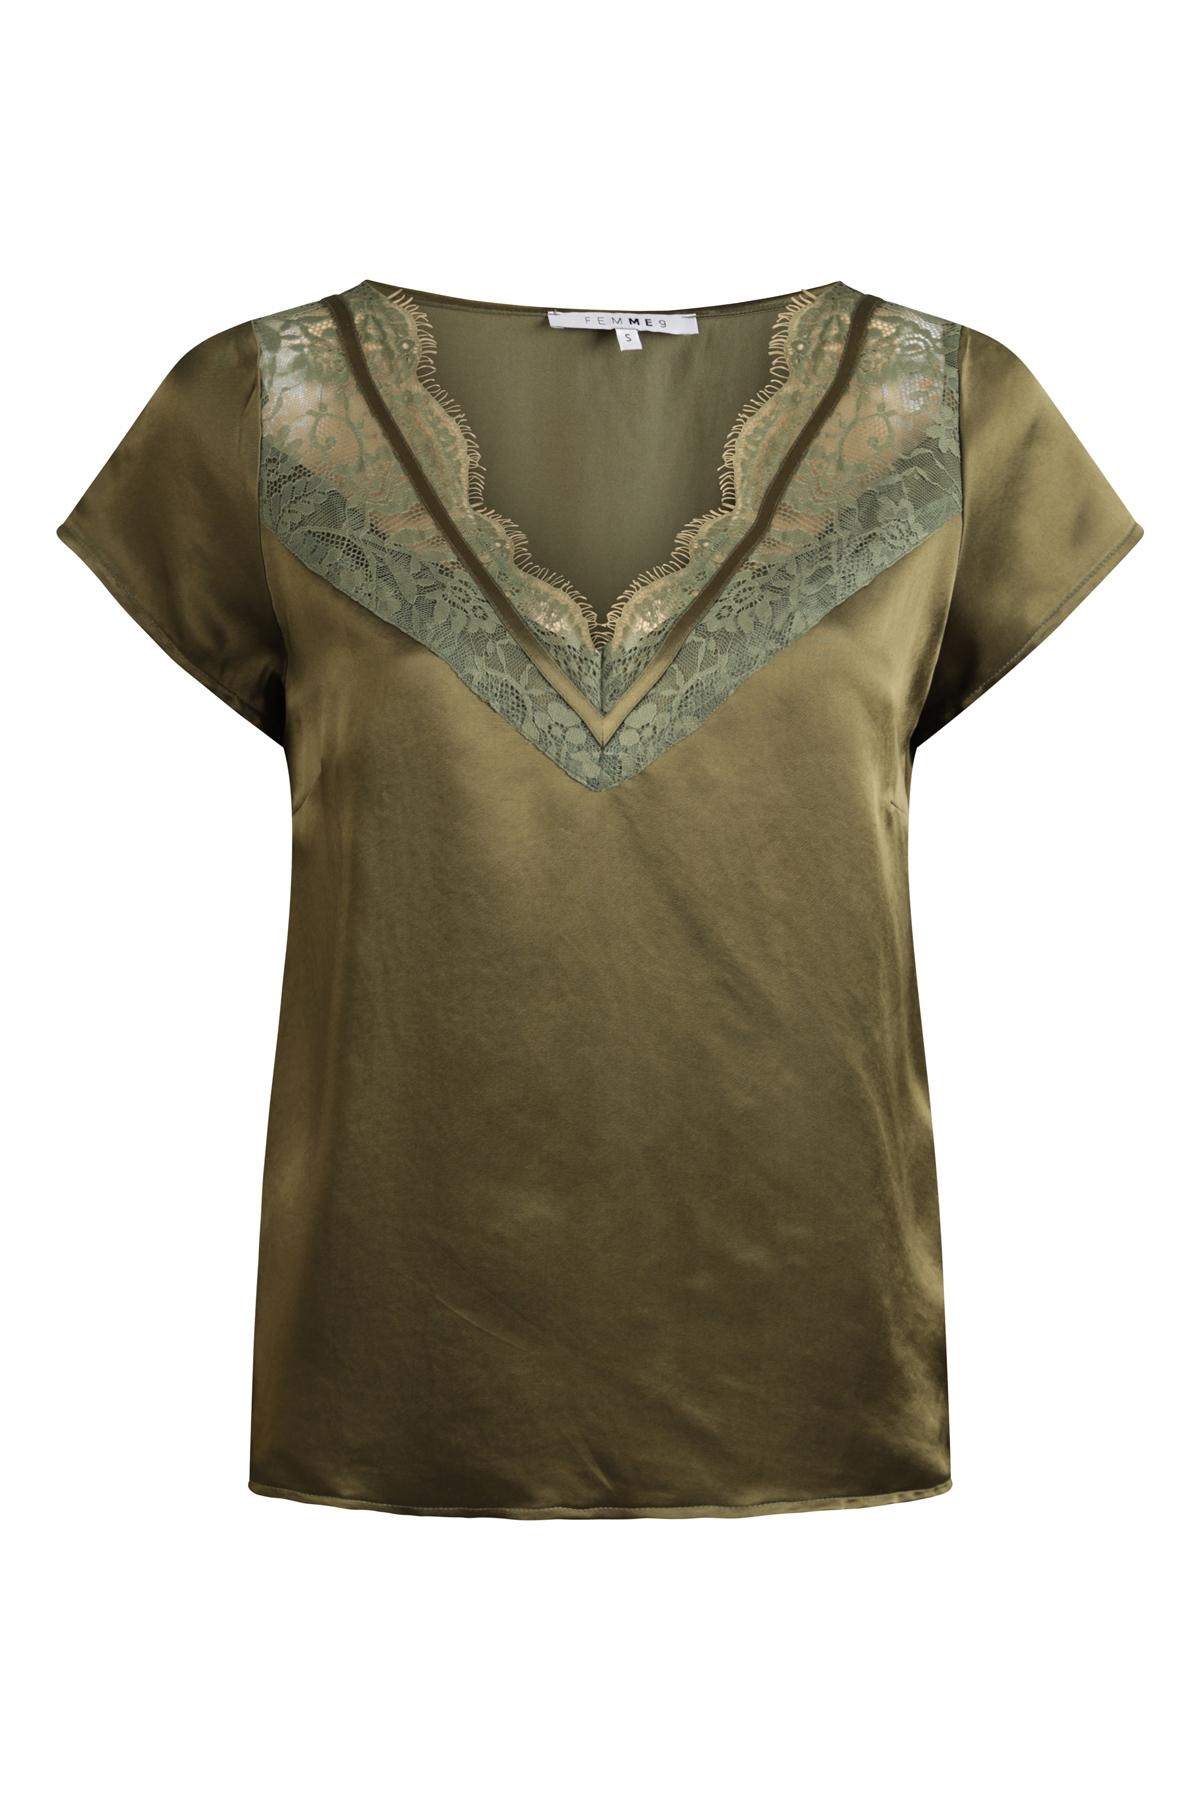 Femme9 Shirt - Top Groen Gigi